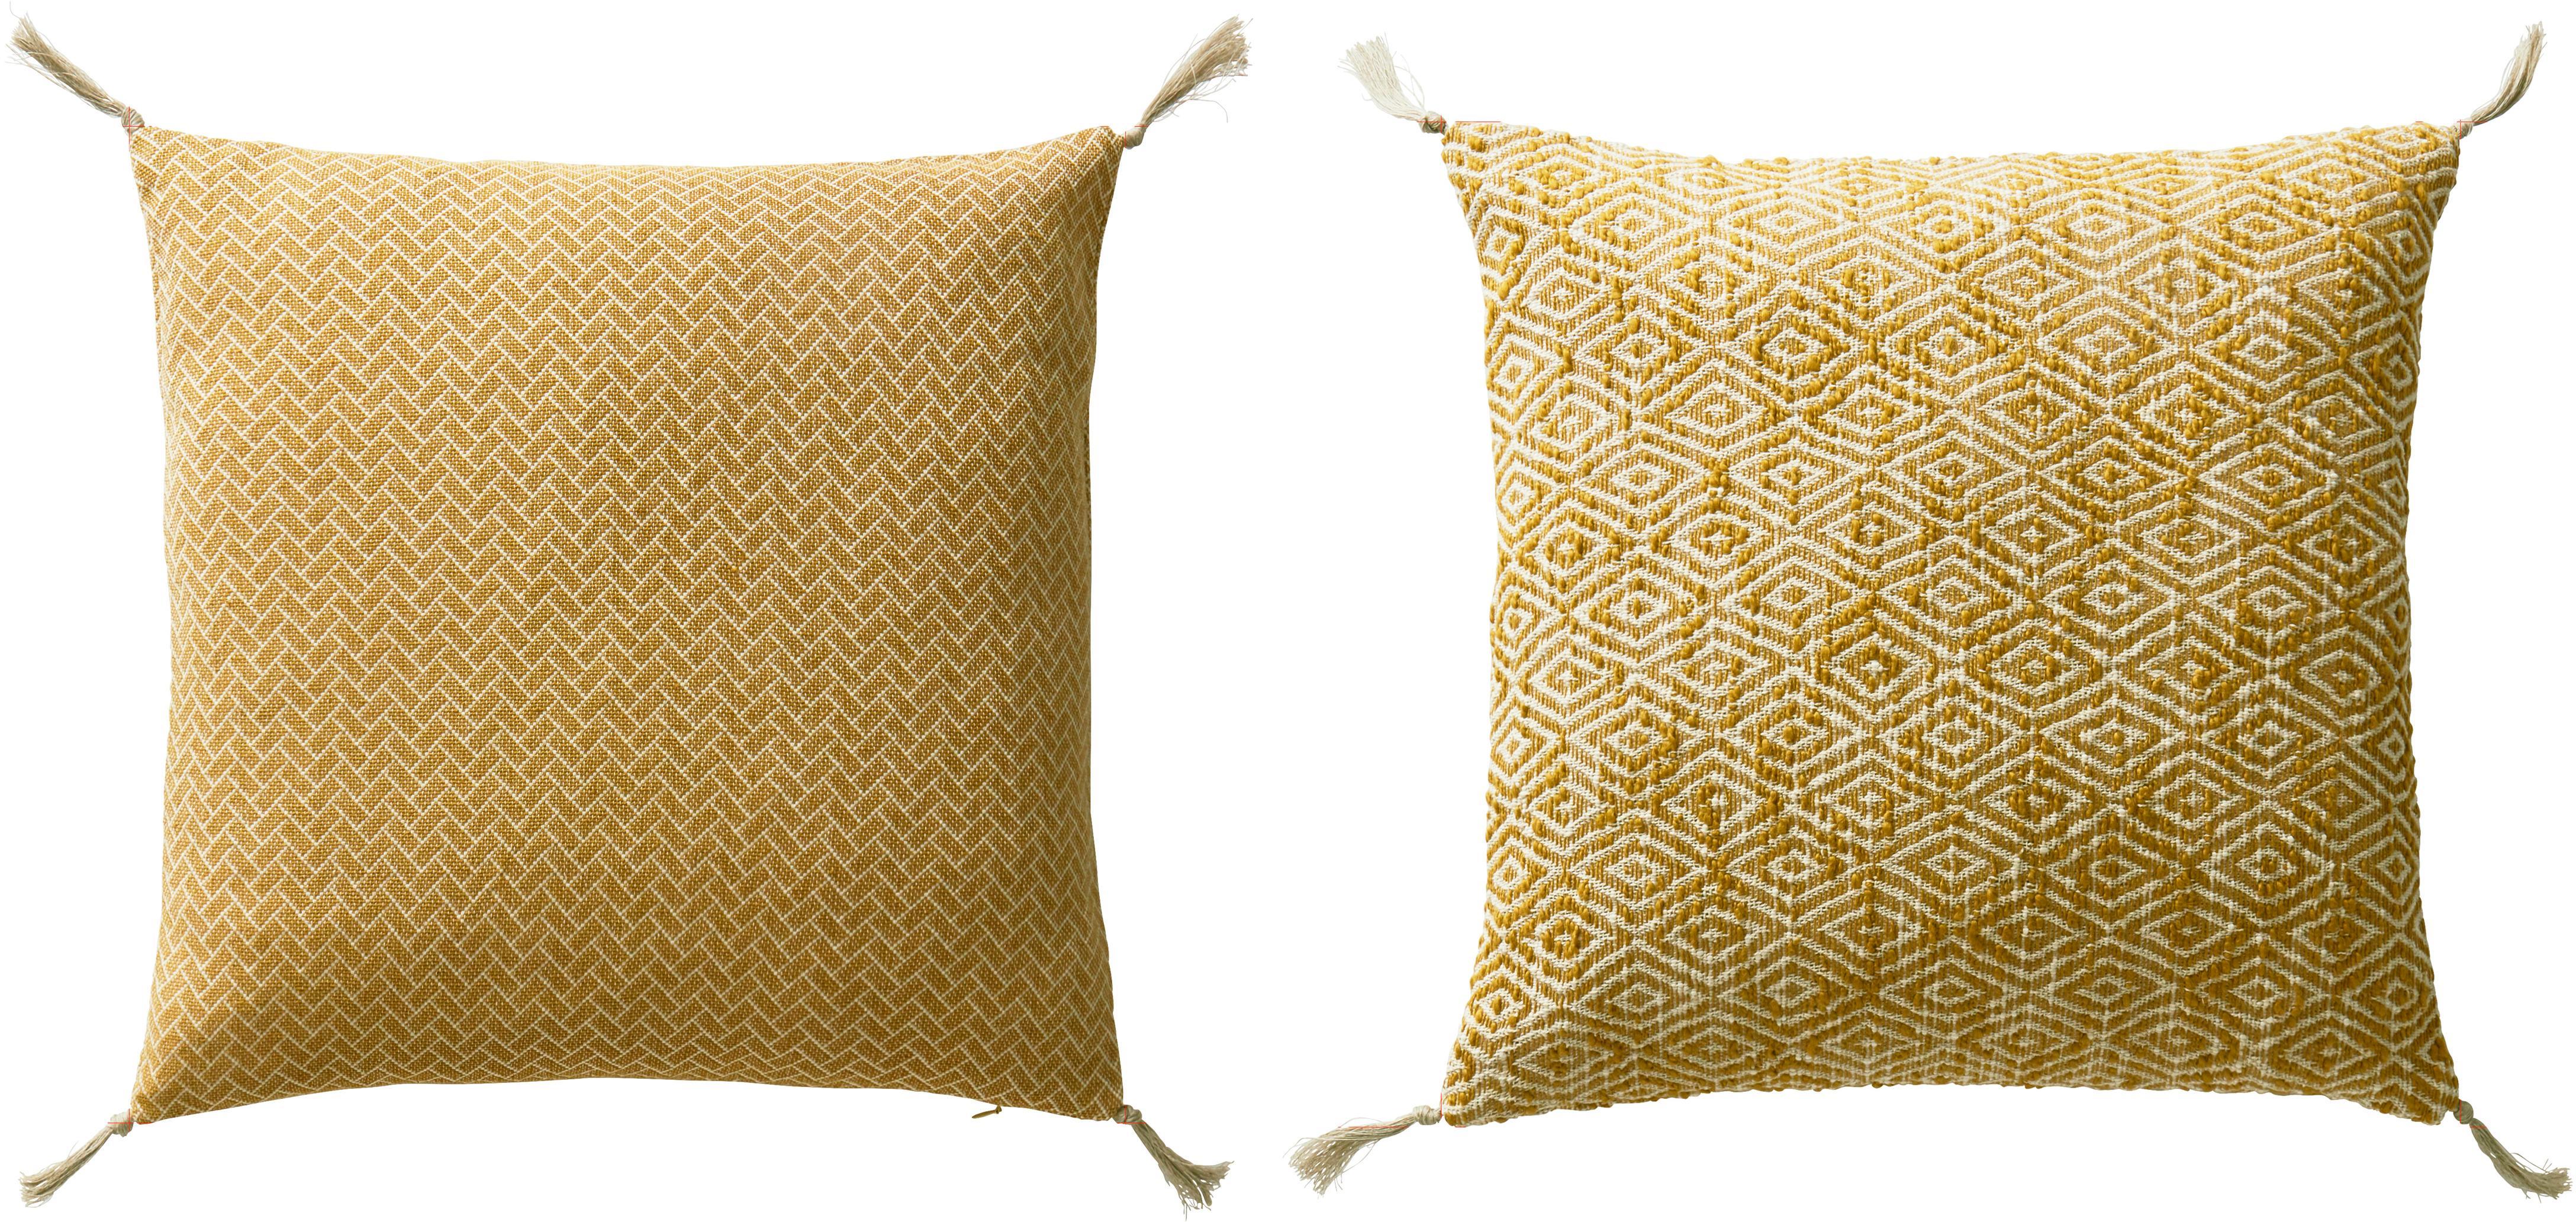 Kussenhoezenset Fancy, 2-delig, Katoen, Geel, gebroken wit, 45 x 45 cm